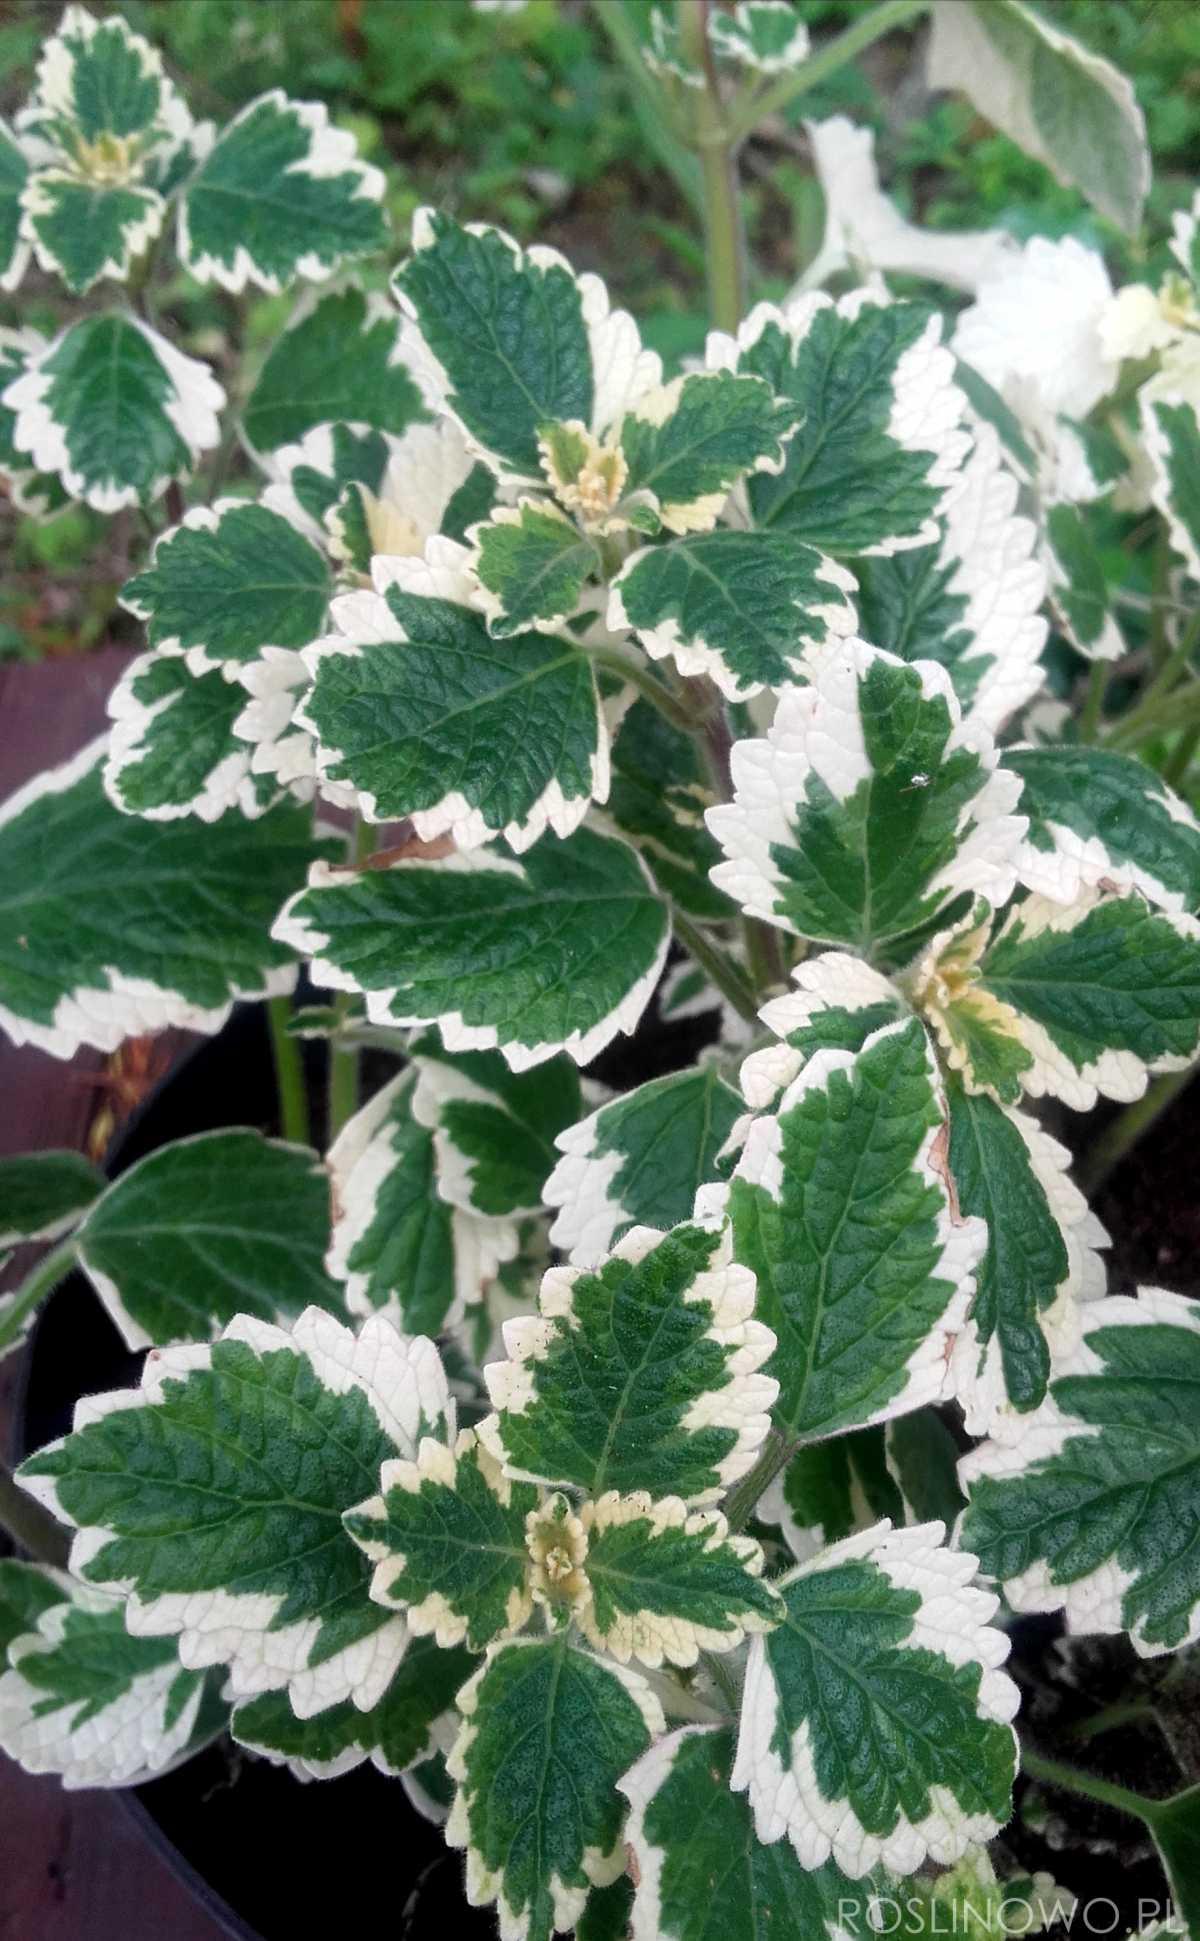 Dekoracyjne liście komarzycy - plaktrantus koleusowaty